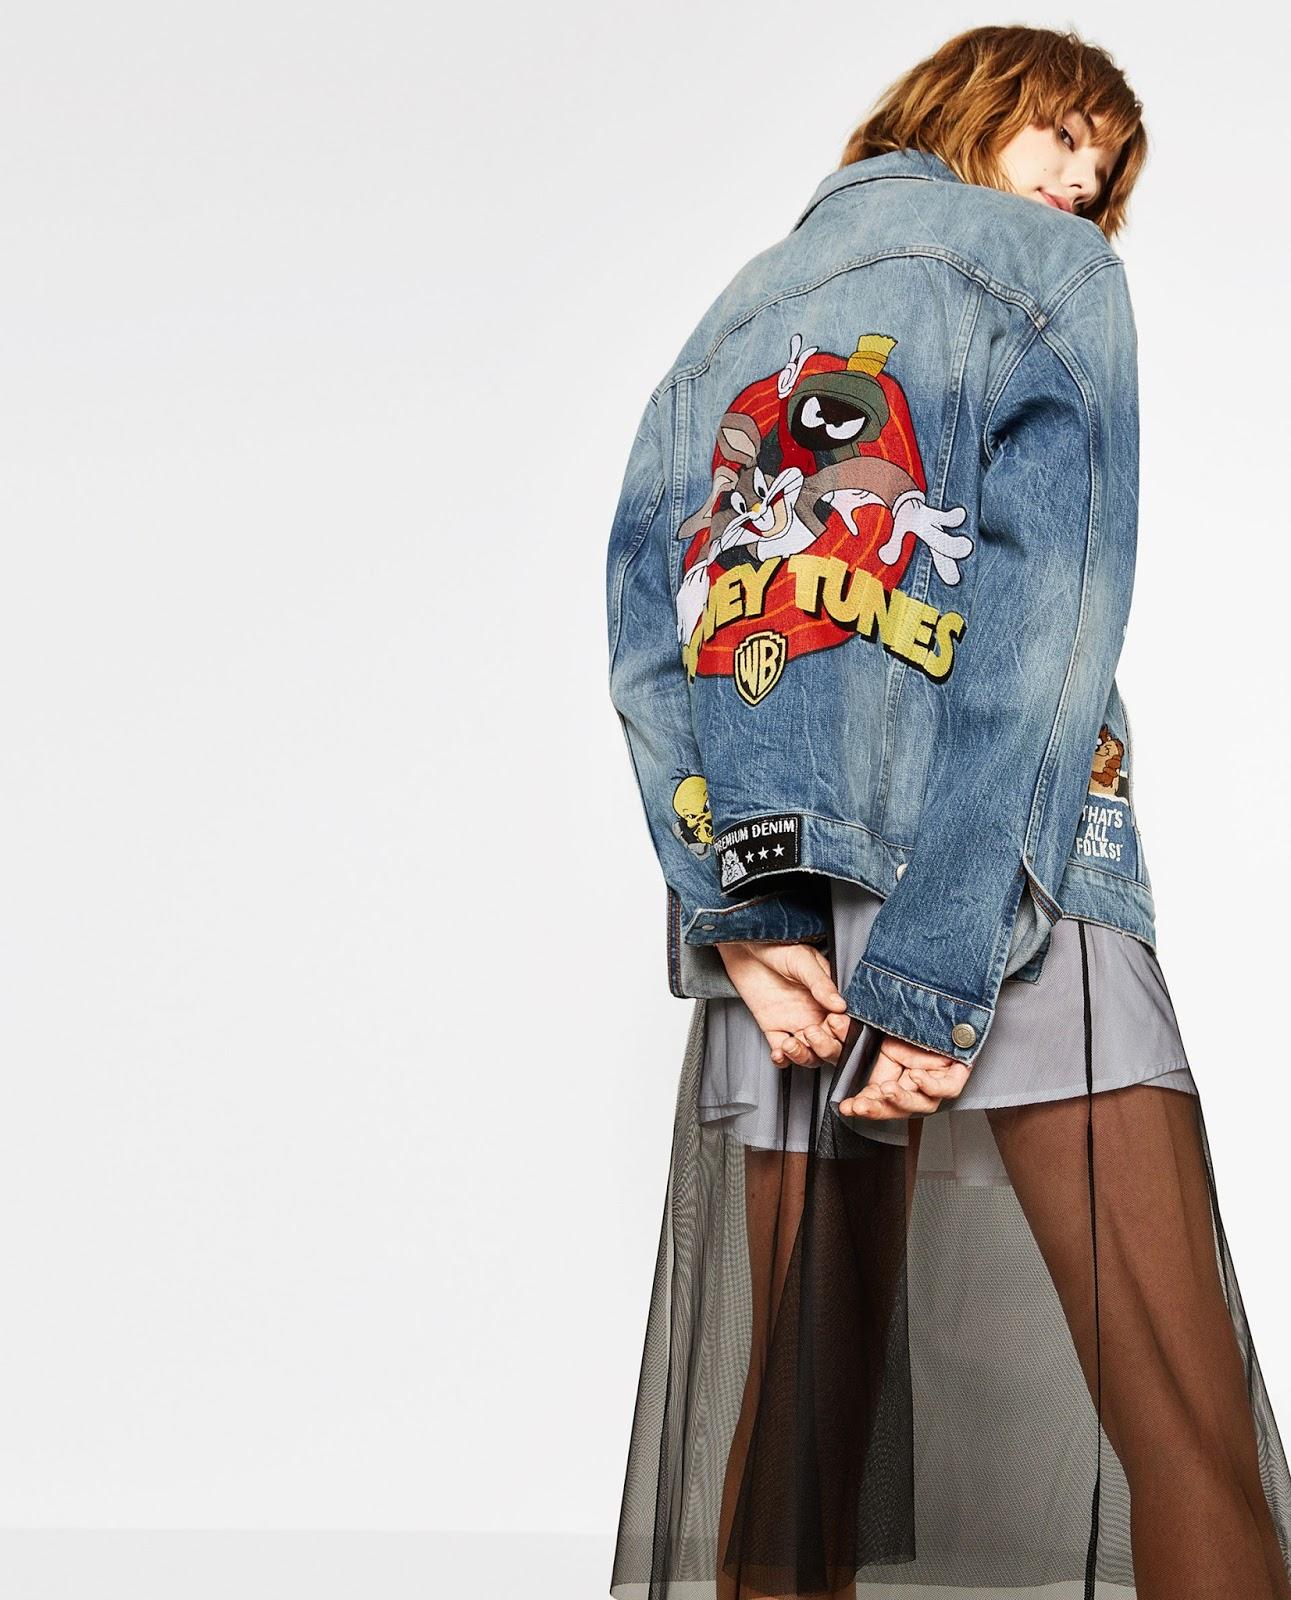 Moda Espalda En Estampado Bloguera Vaquera Trends La De Chaqueta qR1gpg